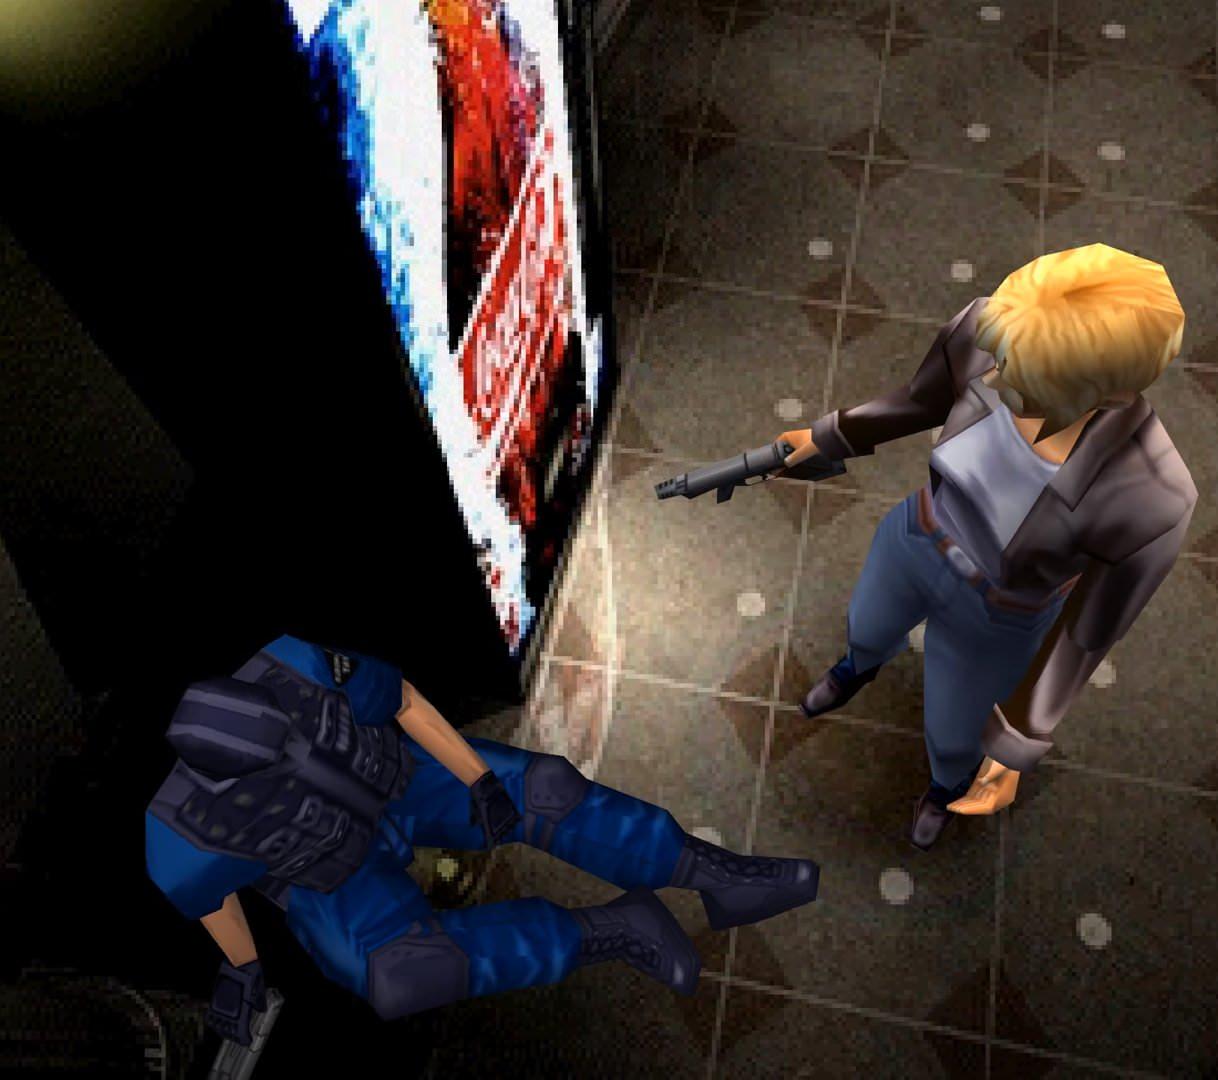 بازی Parasite Eve 1 نسخه اورجینال برای پلی استیشن ۱ به همراه کد داخل بازی